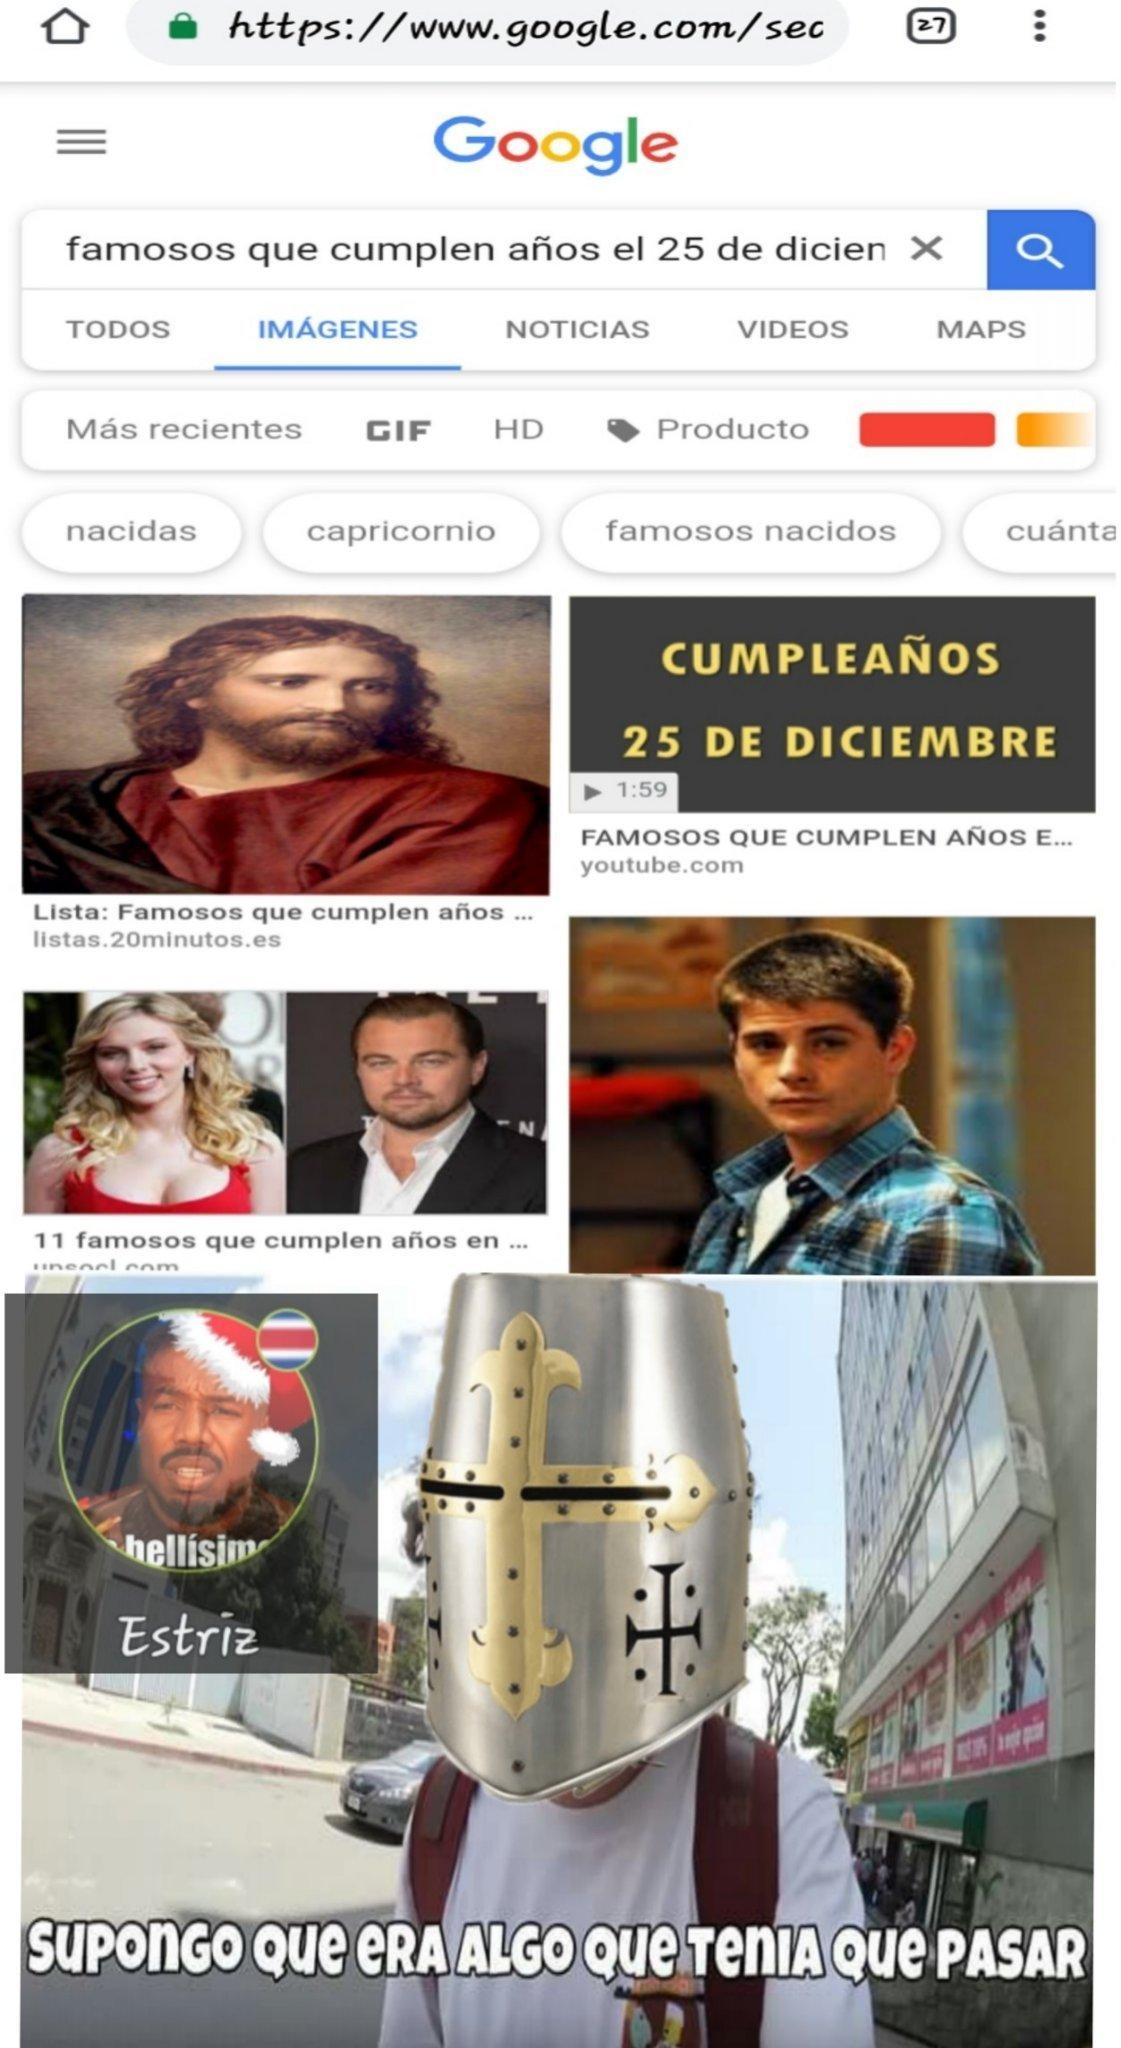 El meme se trata sobre jesus y los templarios